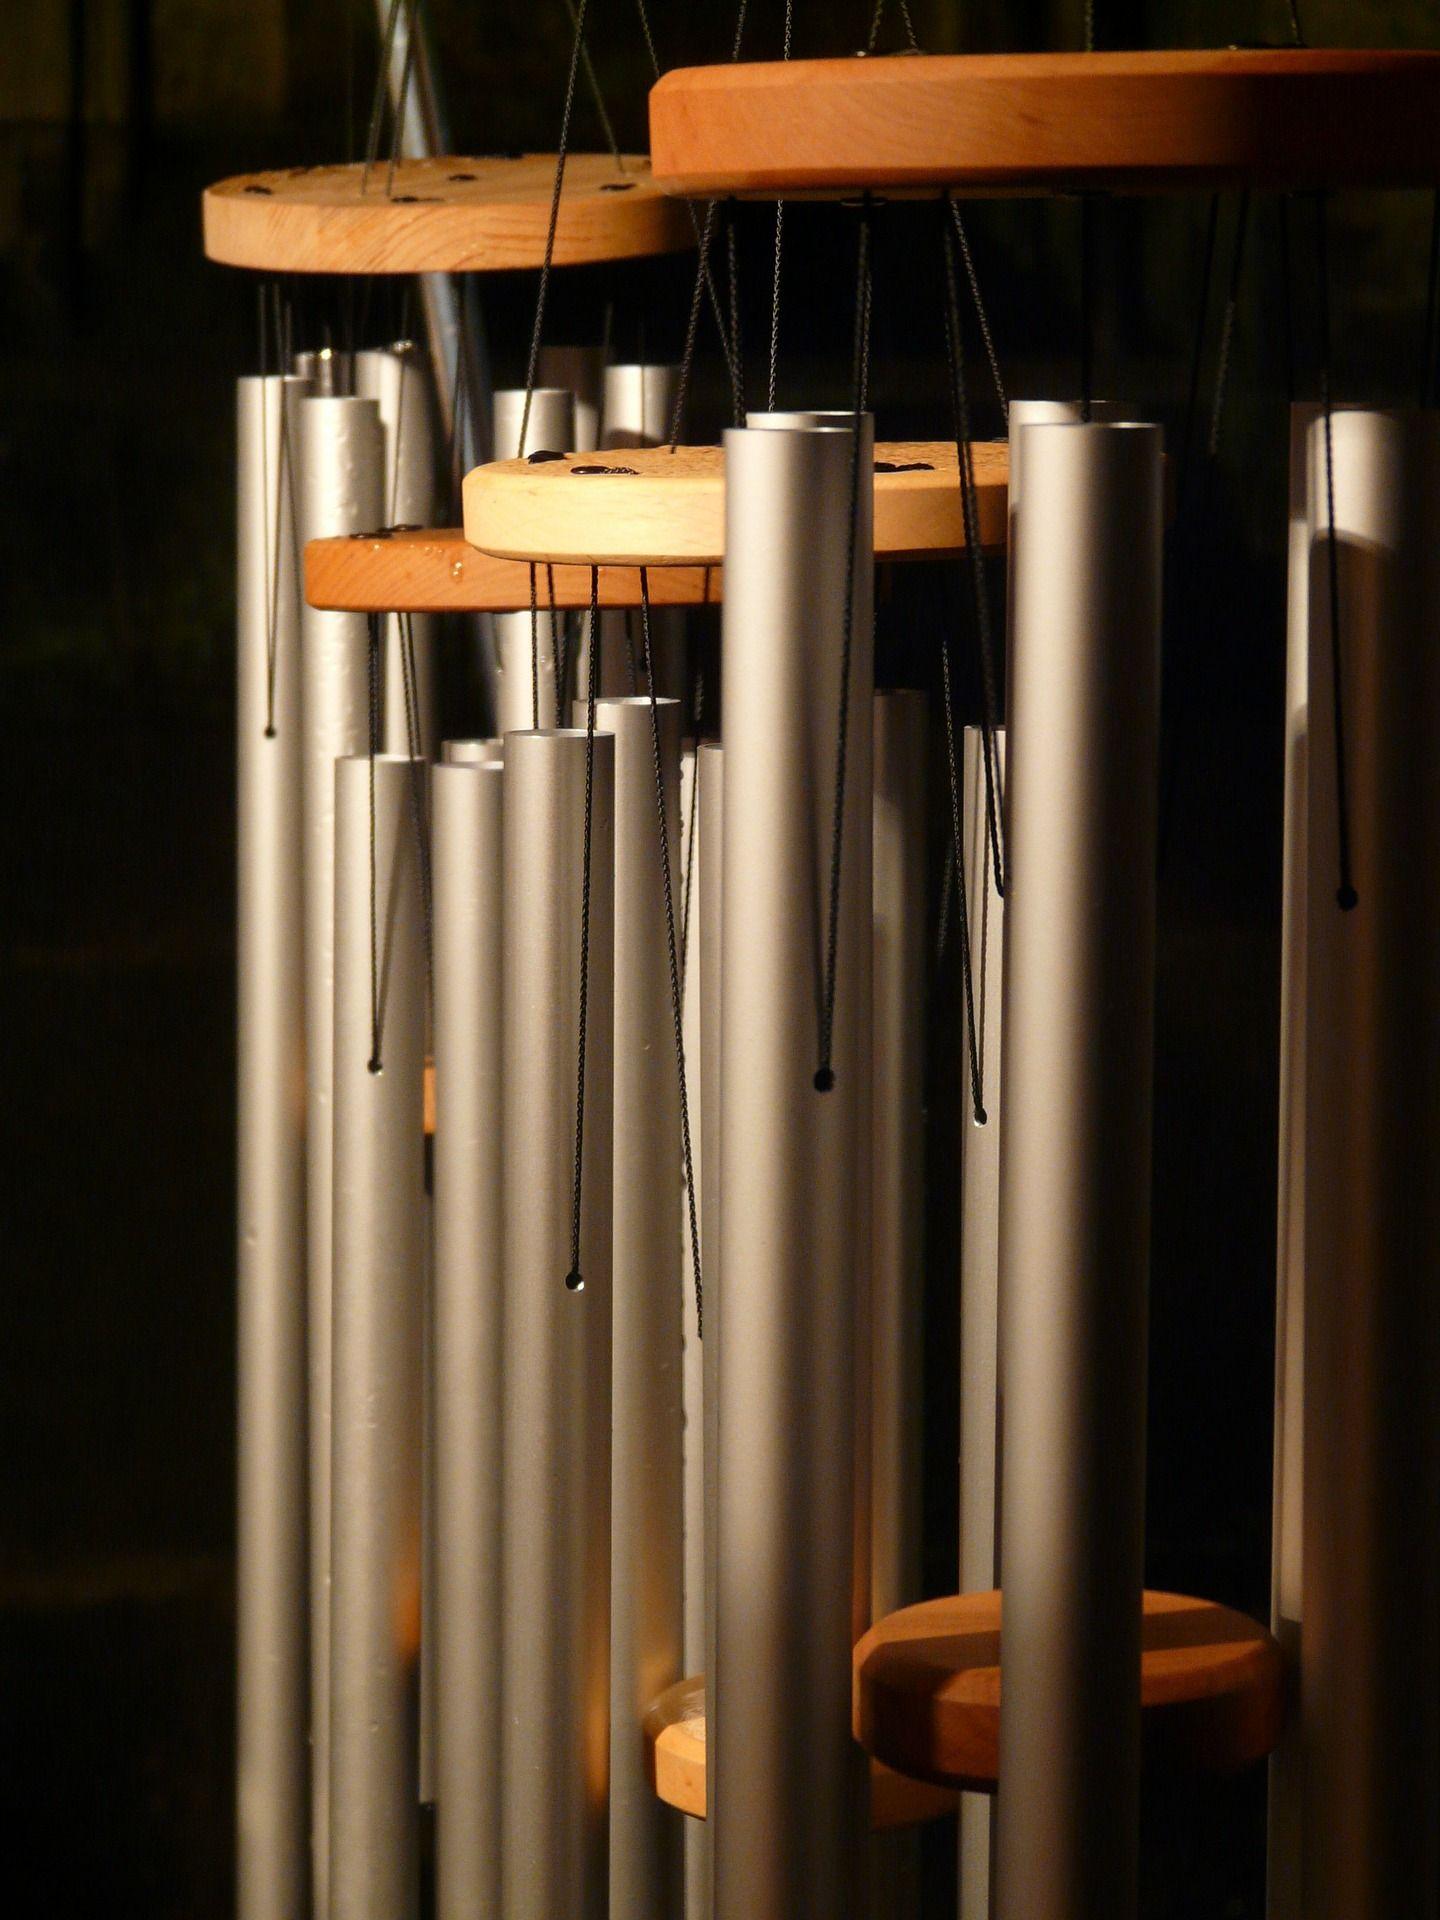 Campanas Tubulares Son Instrumentos De Percusi N Usados En La  # Muebles Tubulares Ponce